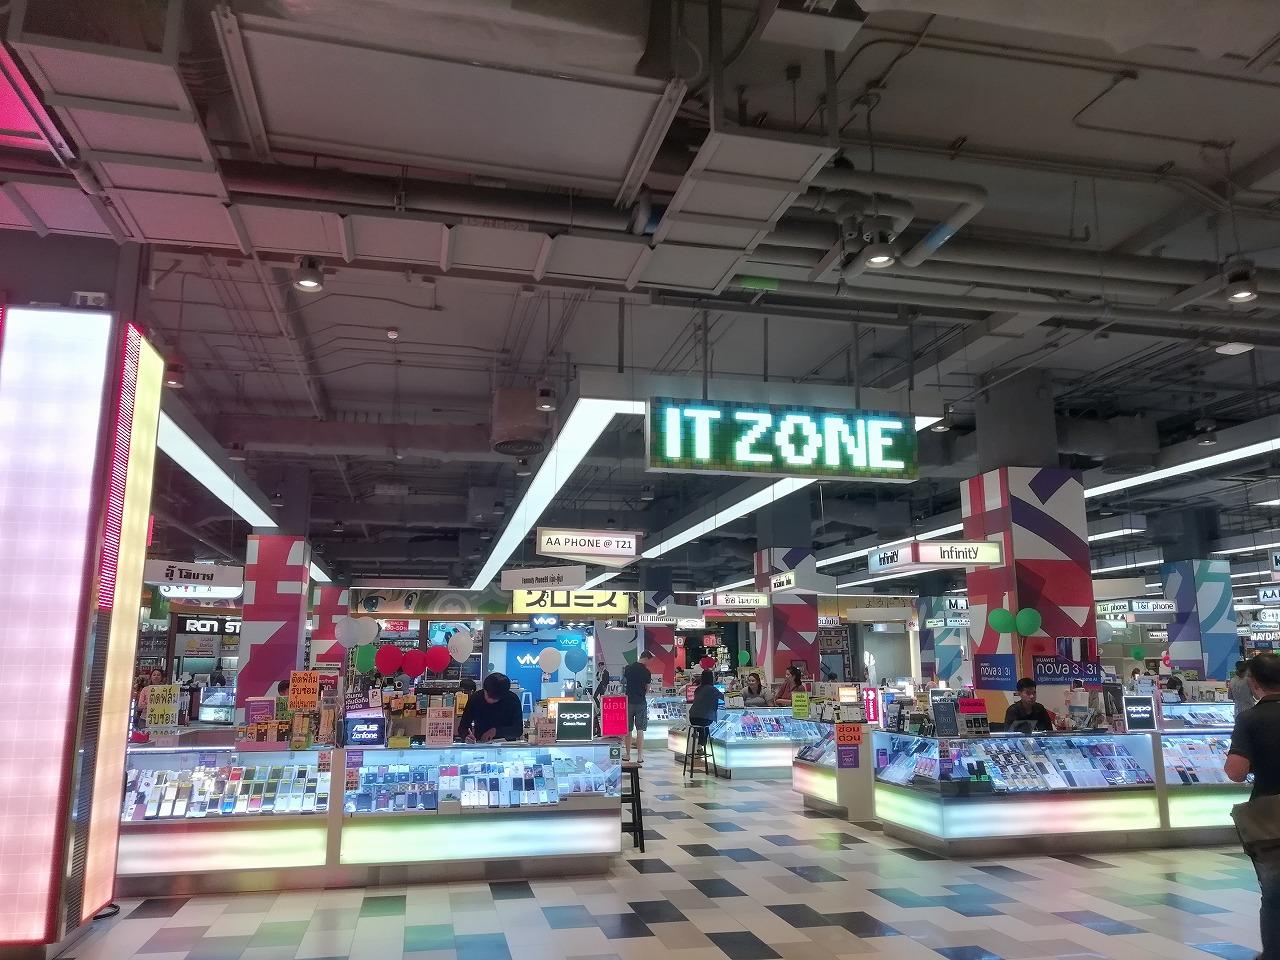 ターミナル21 コラート 東京 写真 画像